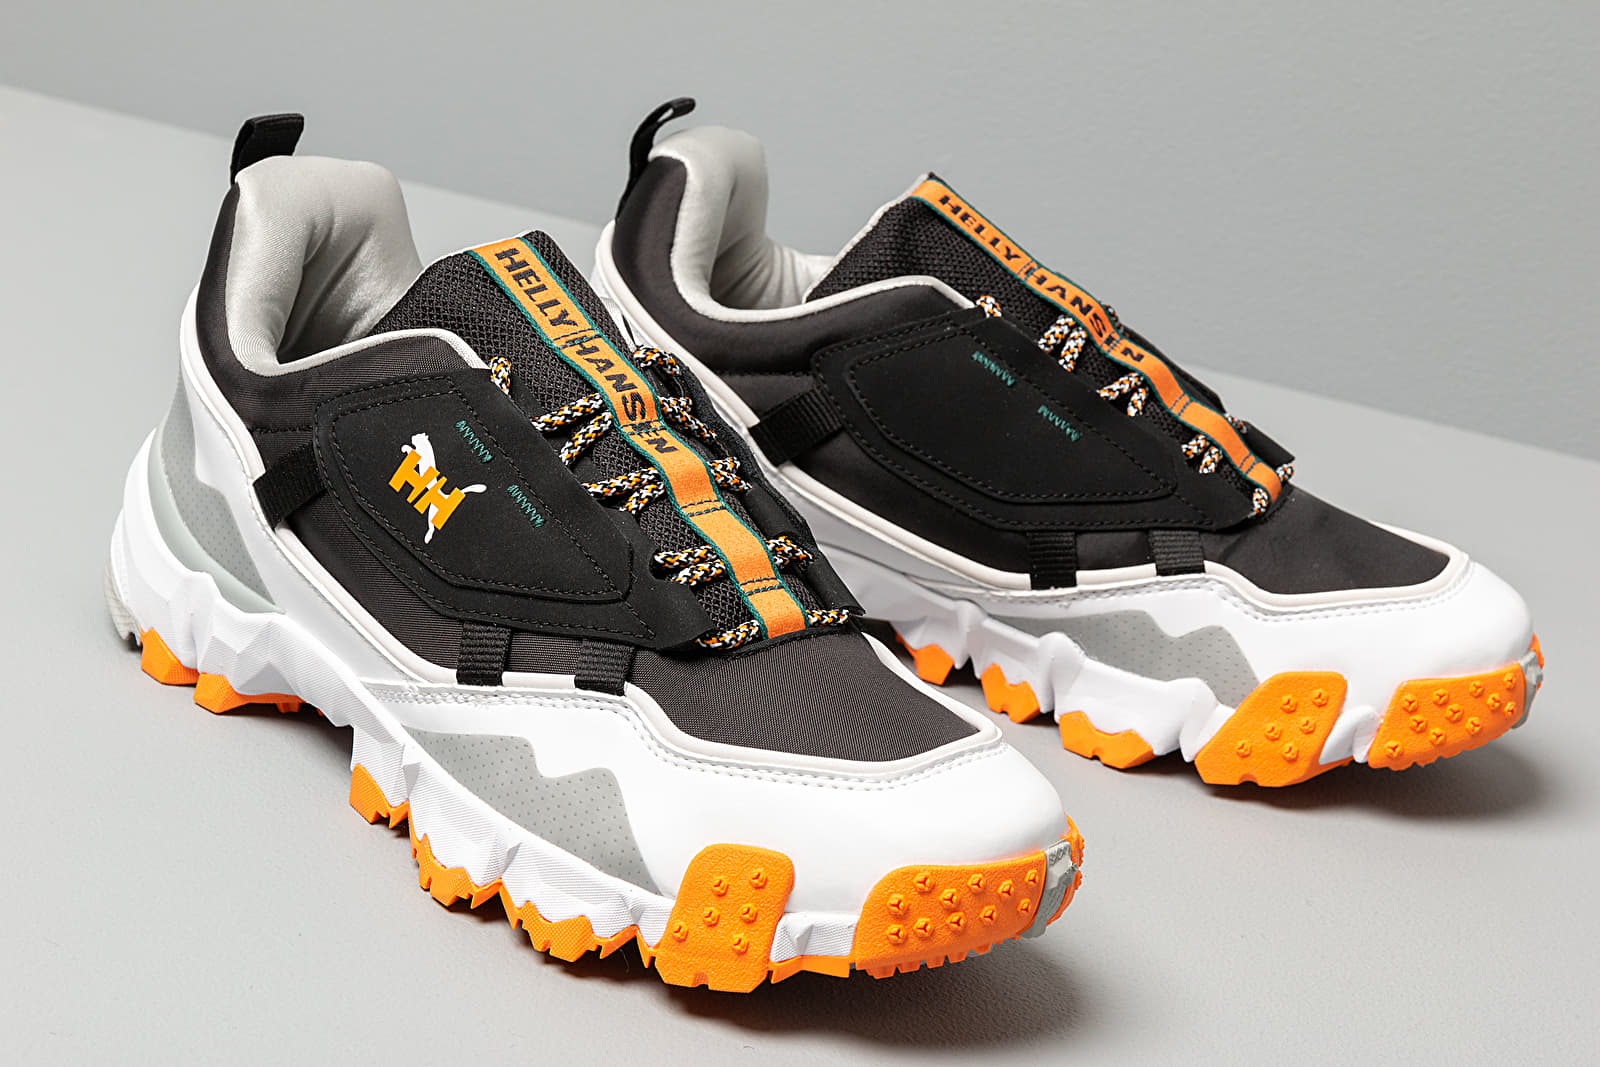 Puma x Helly Hansen Trailfox MTS Puma Black | Footshop